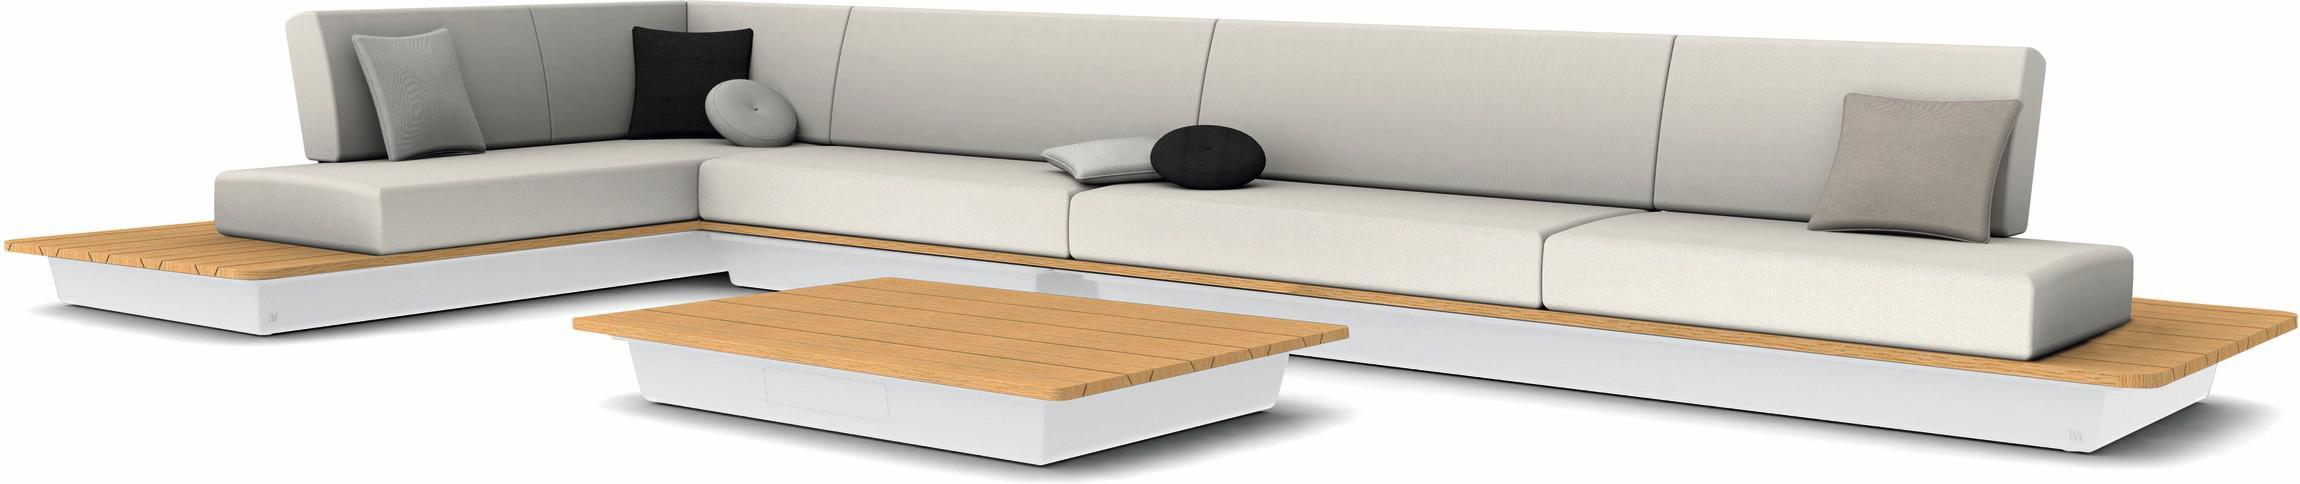 Air Concept 2 - bianco - piano in legno iroko